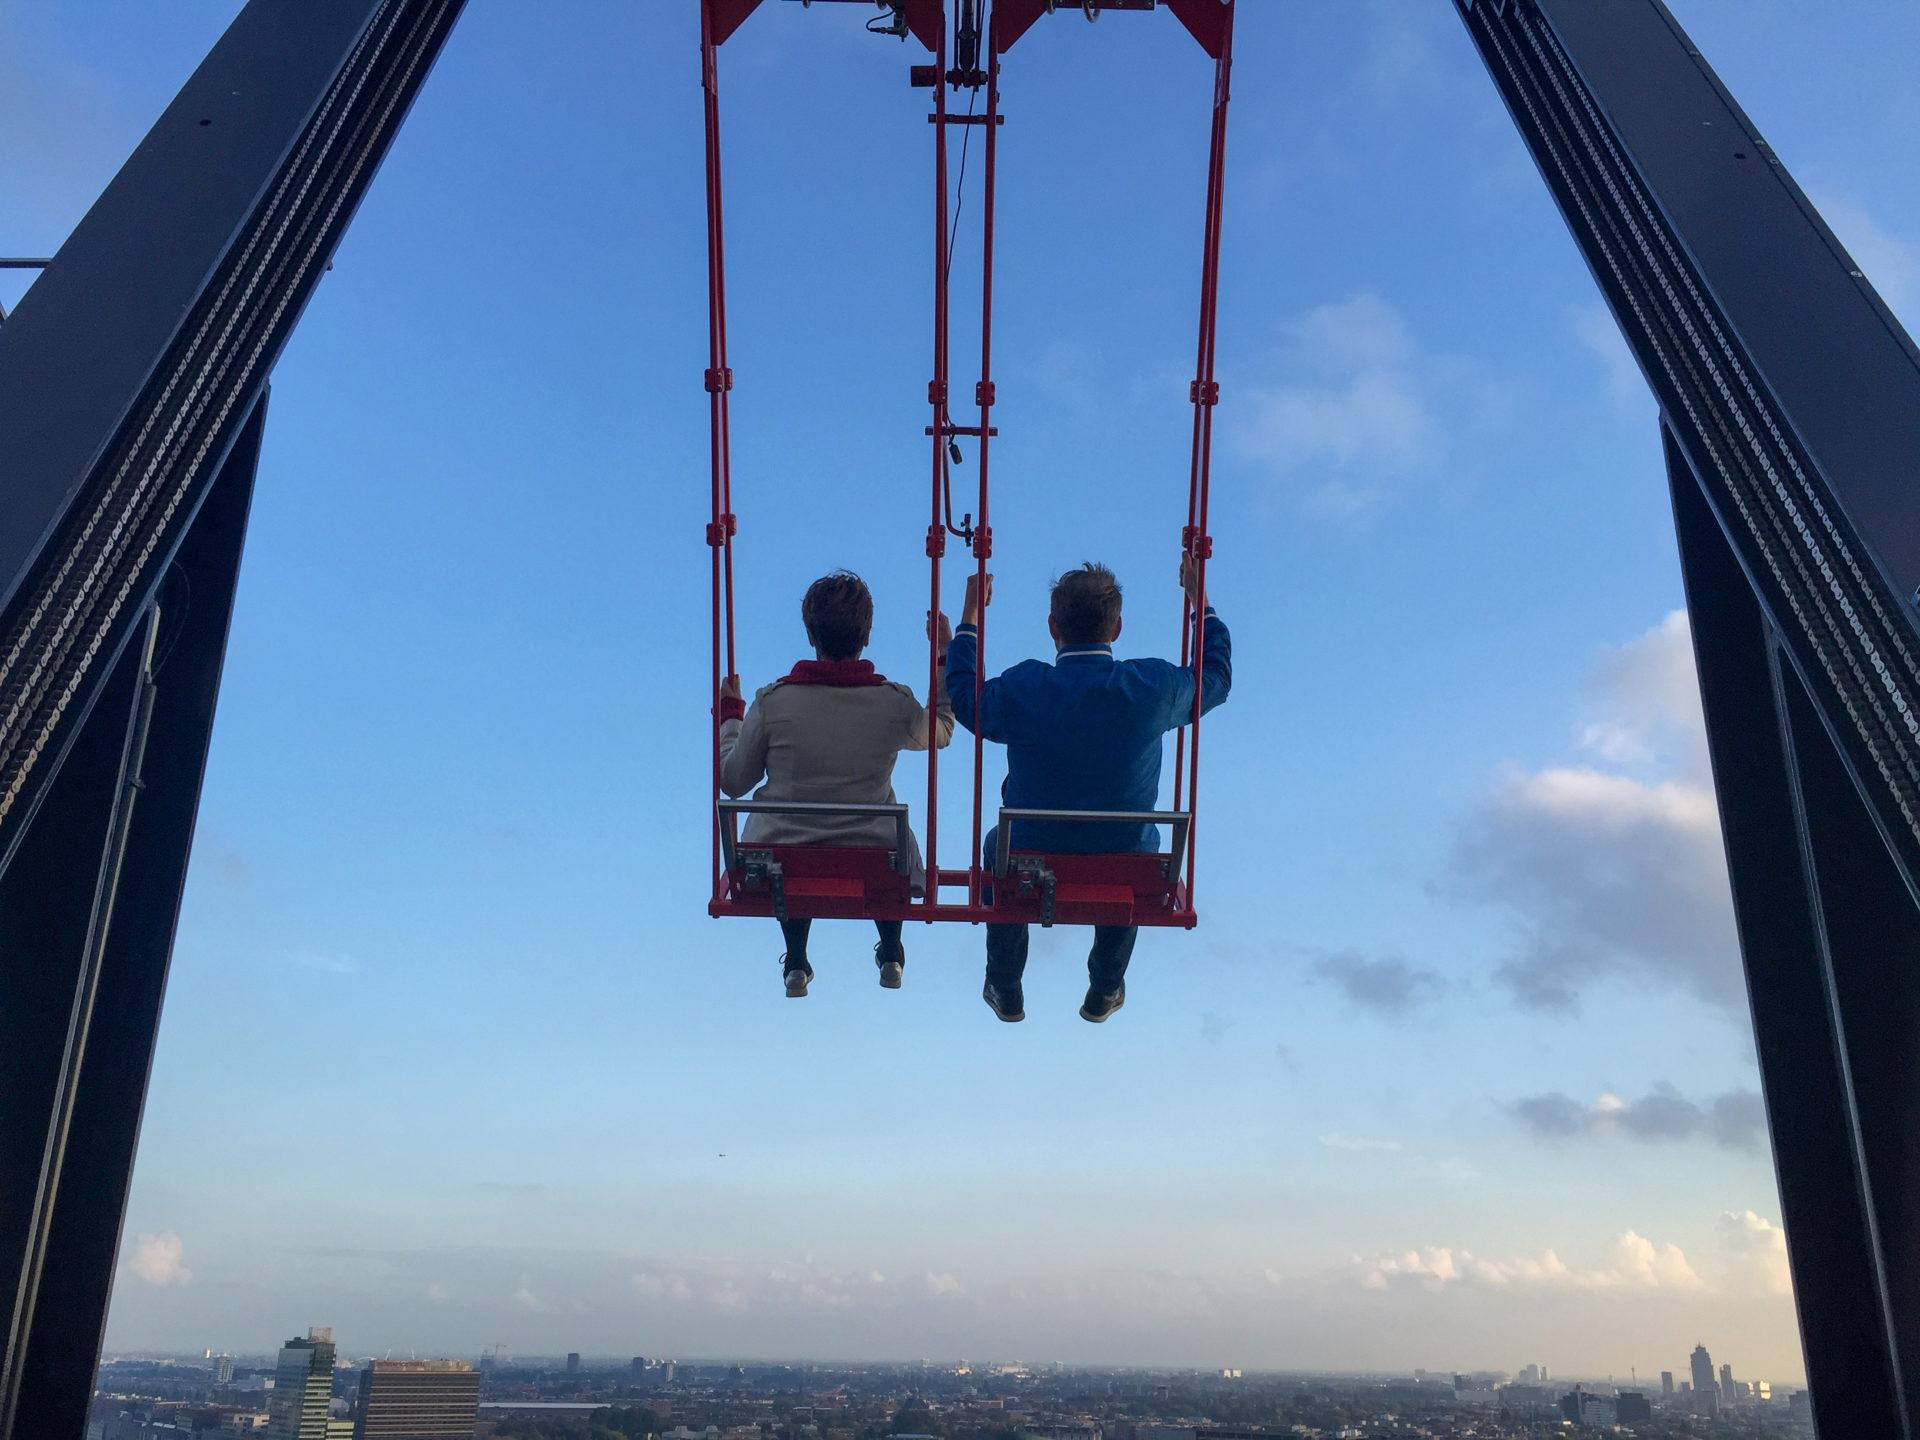 Lookout Amsterdam ist eine Schaukel auf dem Autor Ralf Johnen auf dem A'dam Toren in Amsterdam